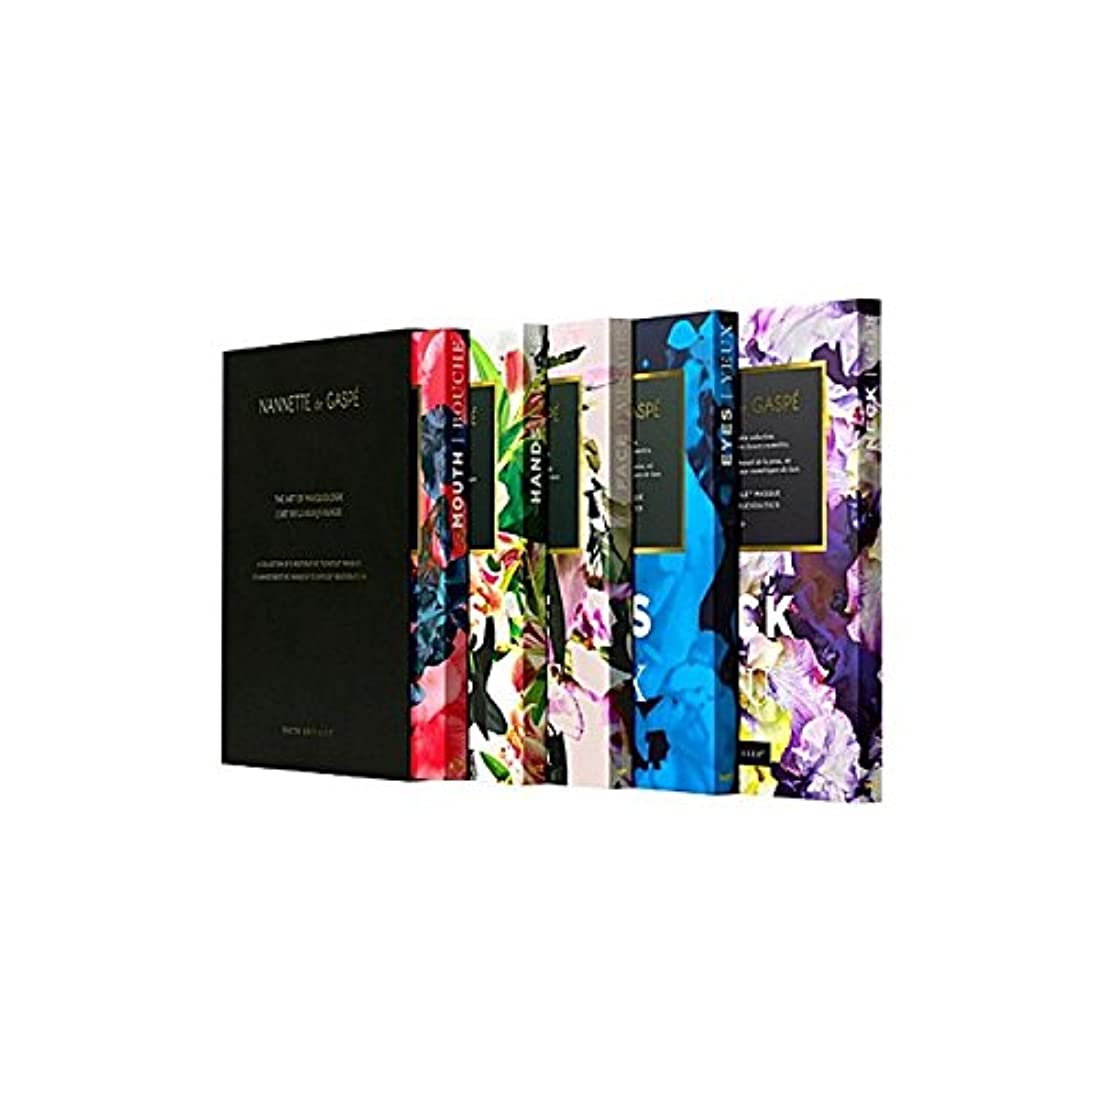 宙返り離婚アーサーコナンドイルデガスペ修復仮面劇コフレ x4 - Nannette De Gaspe Restorative Techstile Masque Coffret (Pack of 4) [並行輸入品]